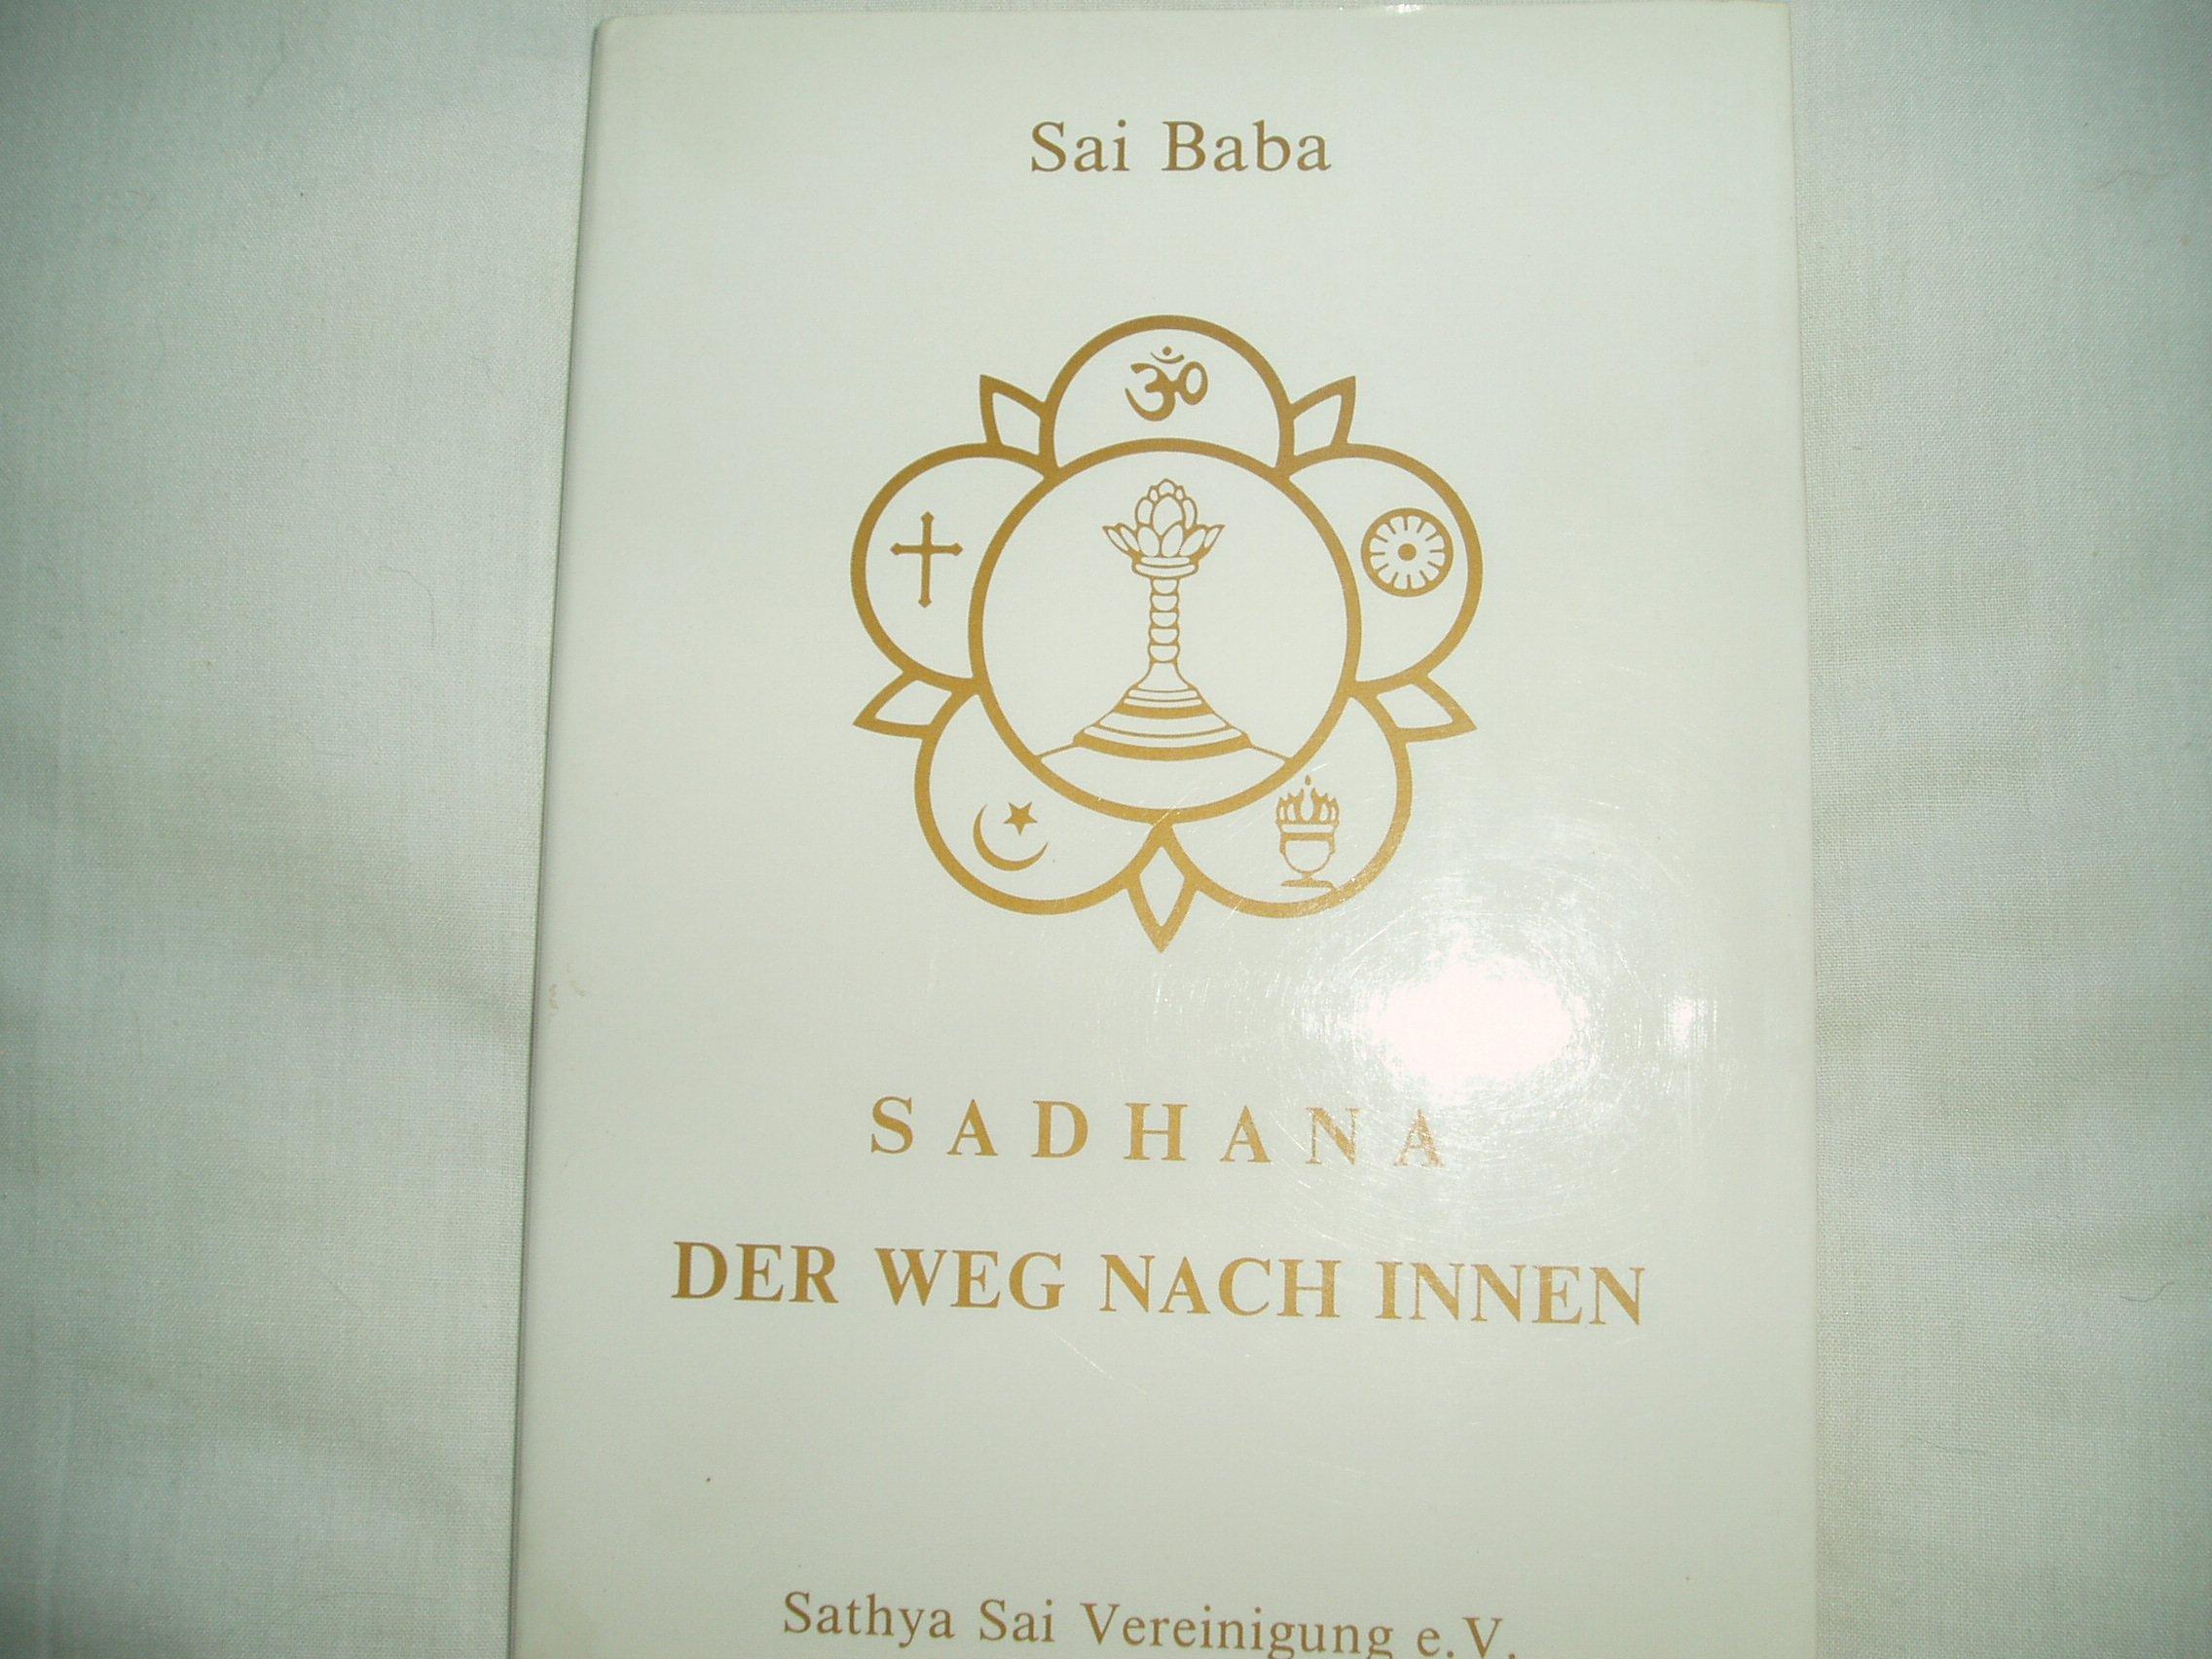 Der Weg nach Innen - Sadhana